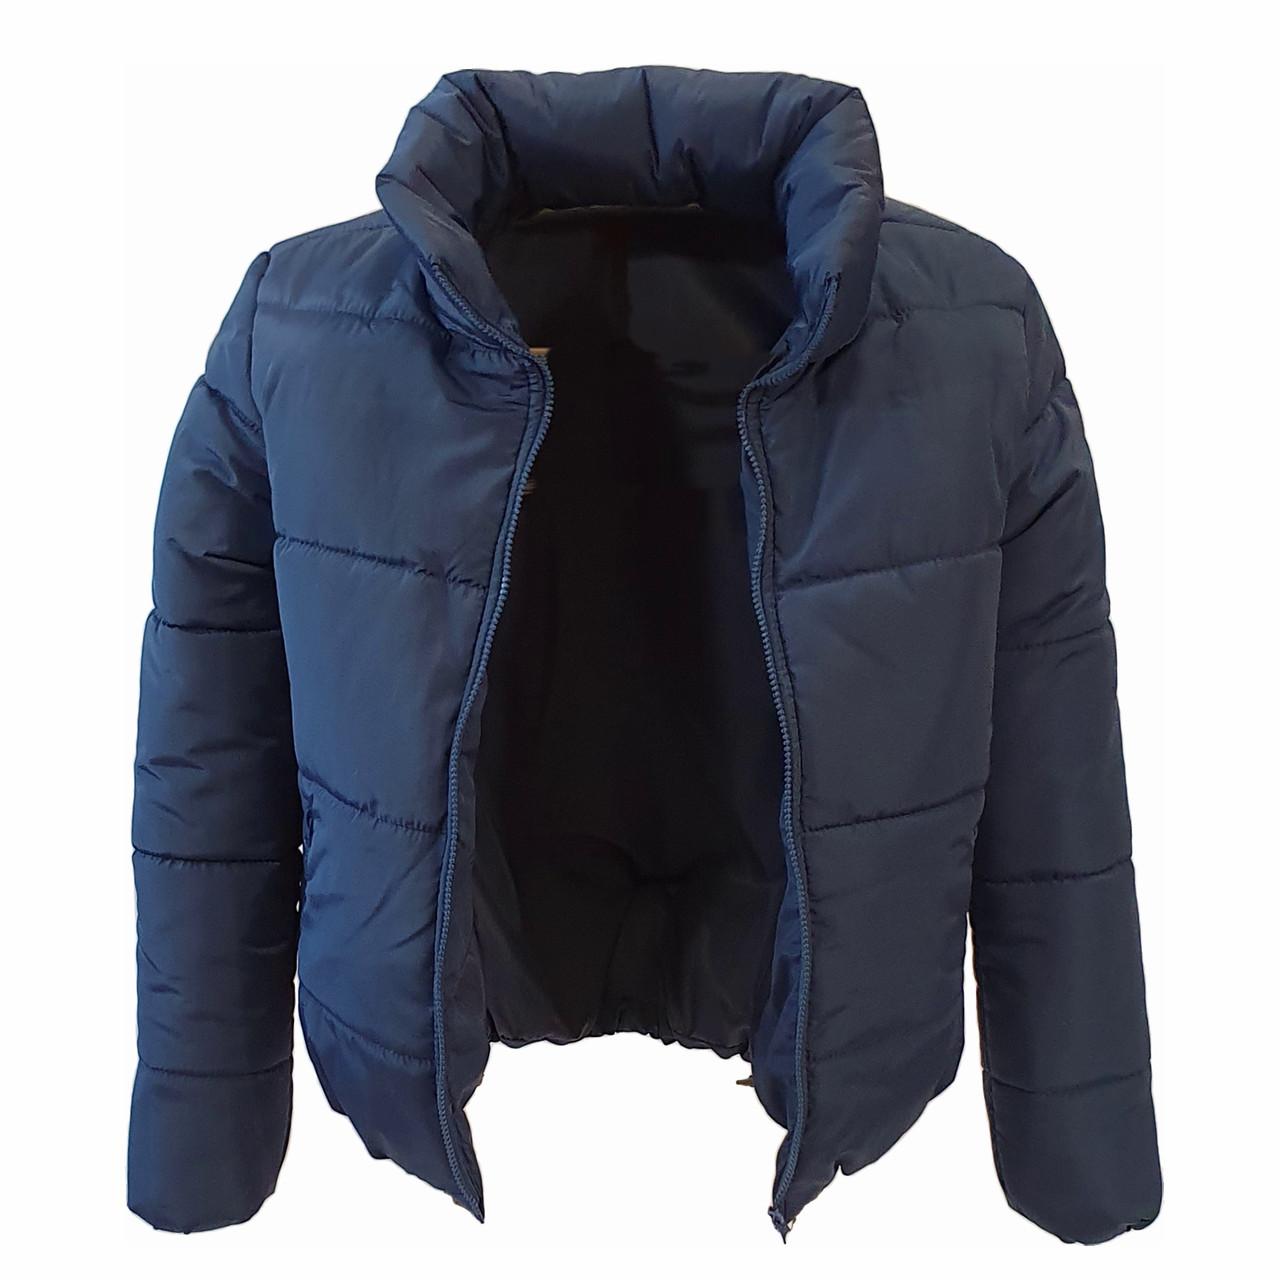 Модна жіноча куртка р. з 42 по 48 модель вик.джинс